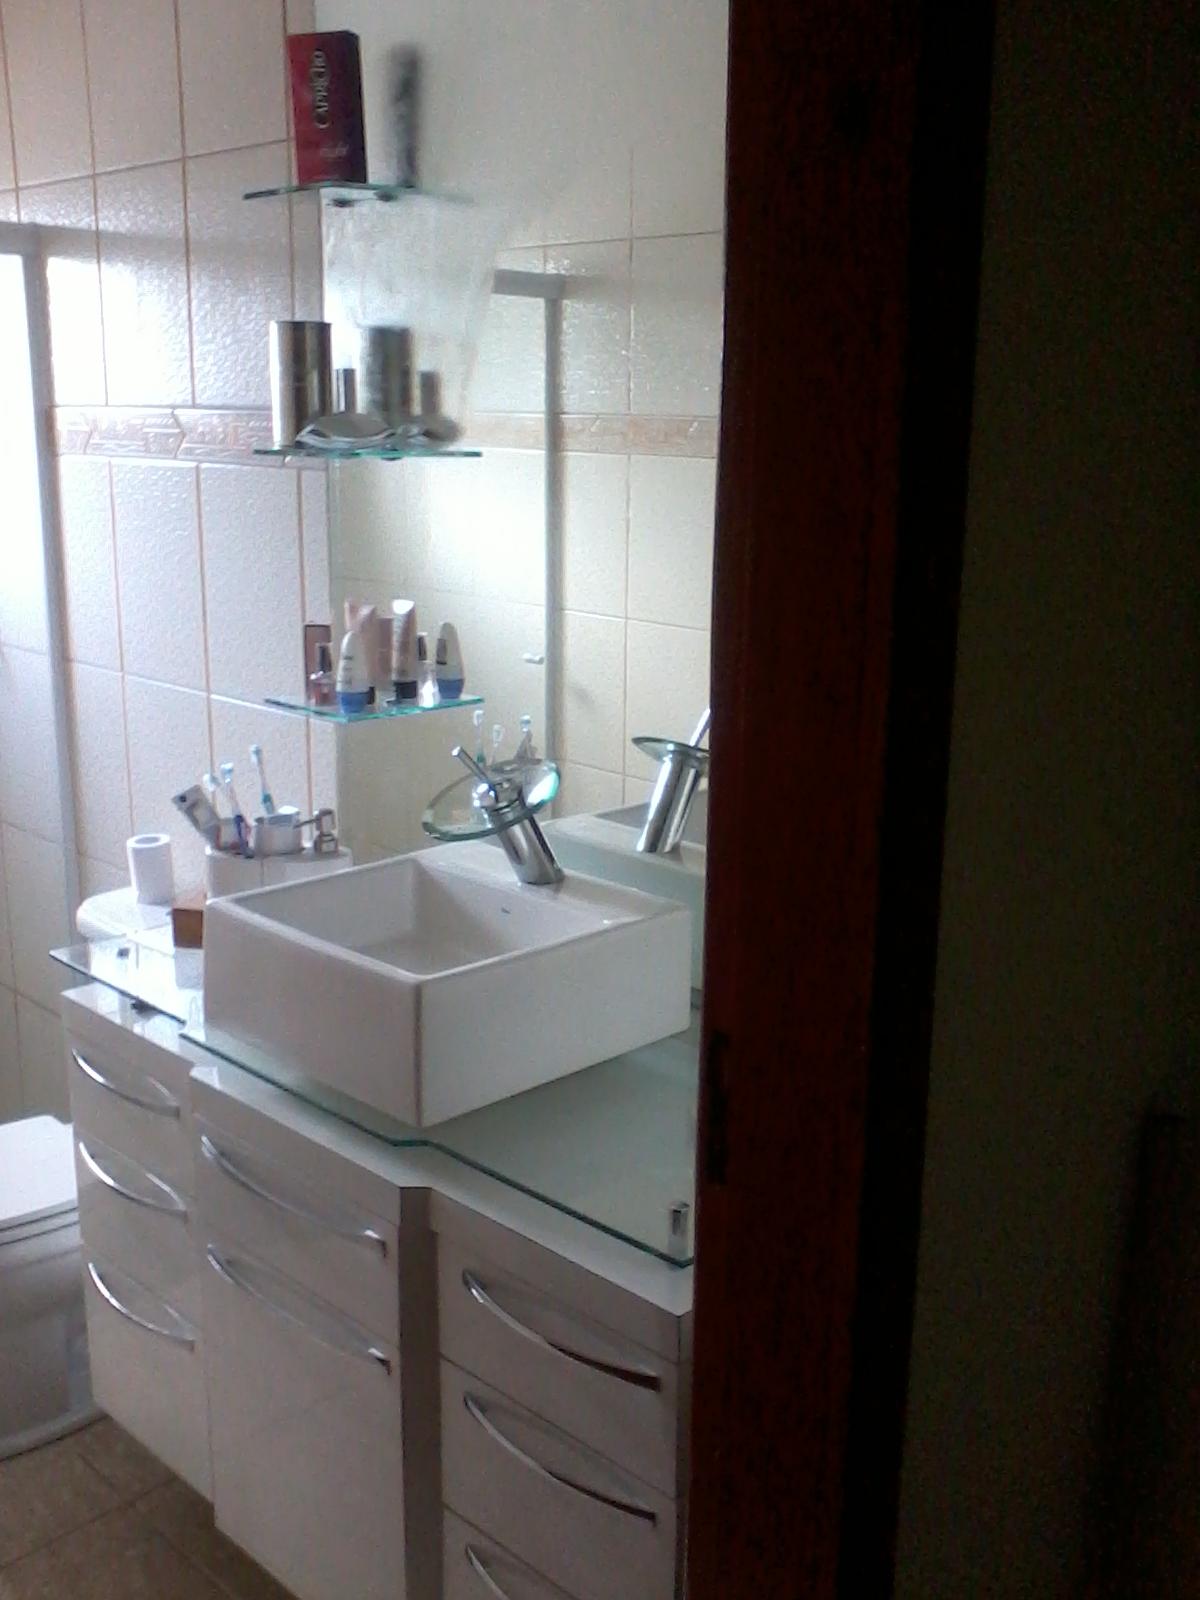 Picolo Marcenaria  Móveis Planejados Balcão de Banheiro -> Balcao Banheiro Moderno